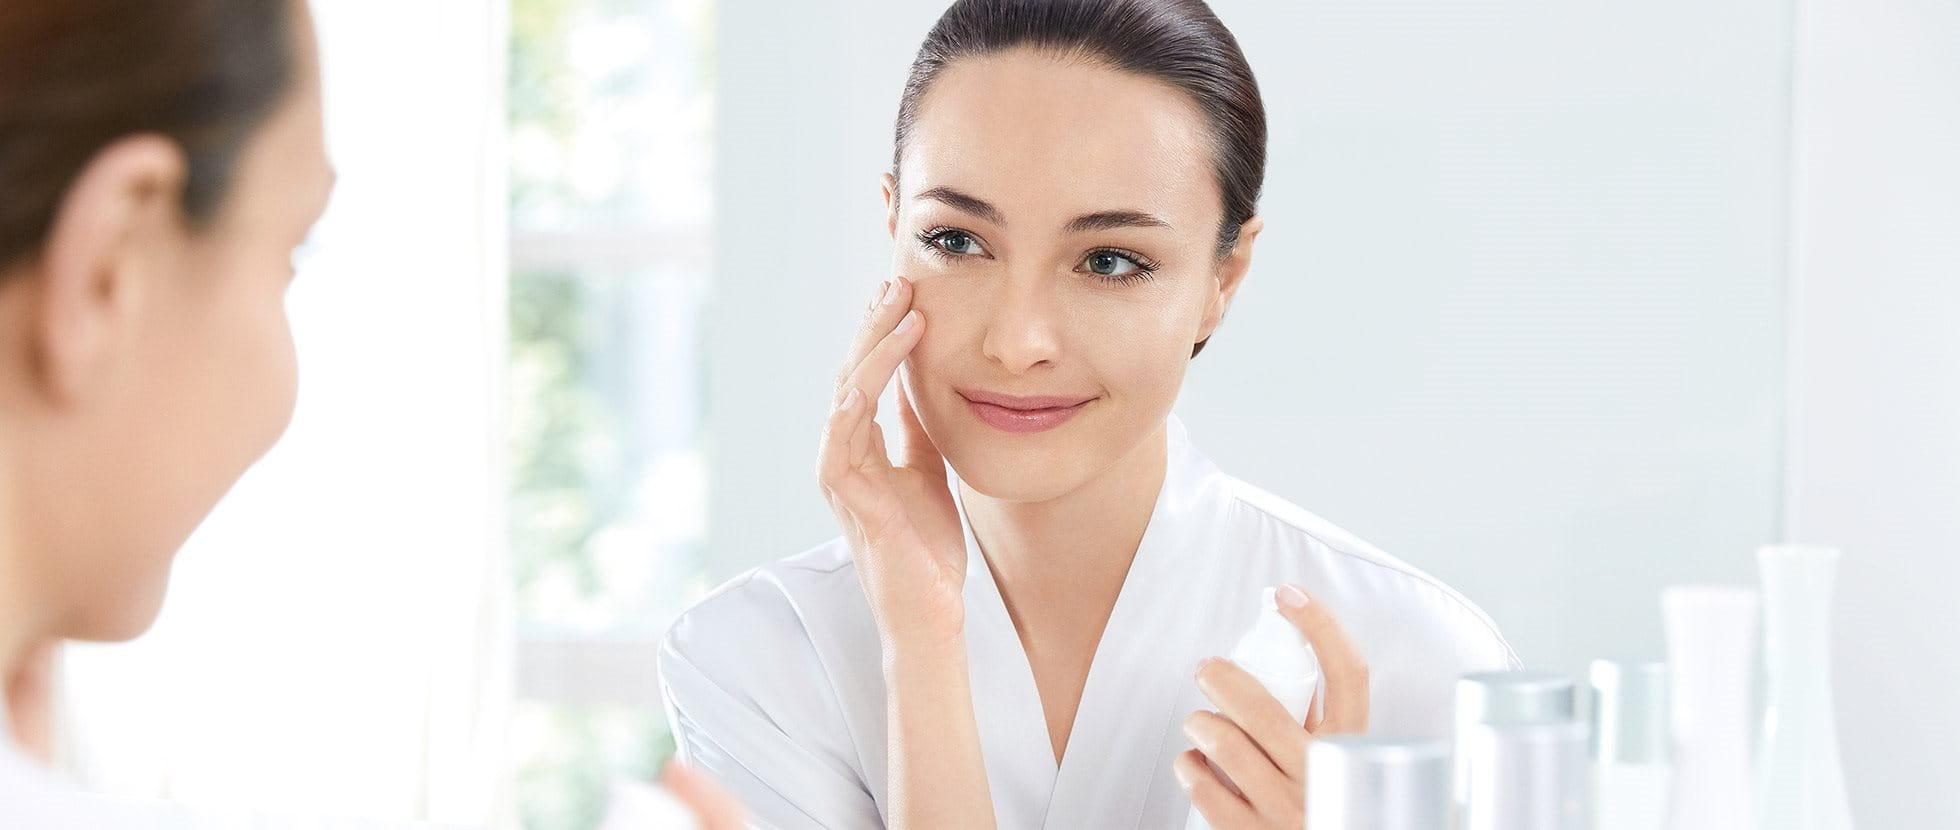 Image result for whitening skin asian model